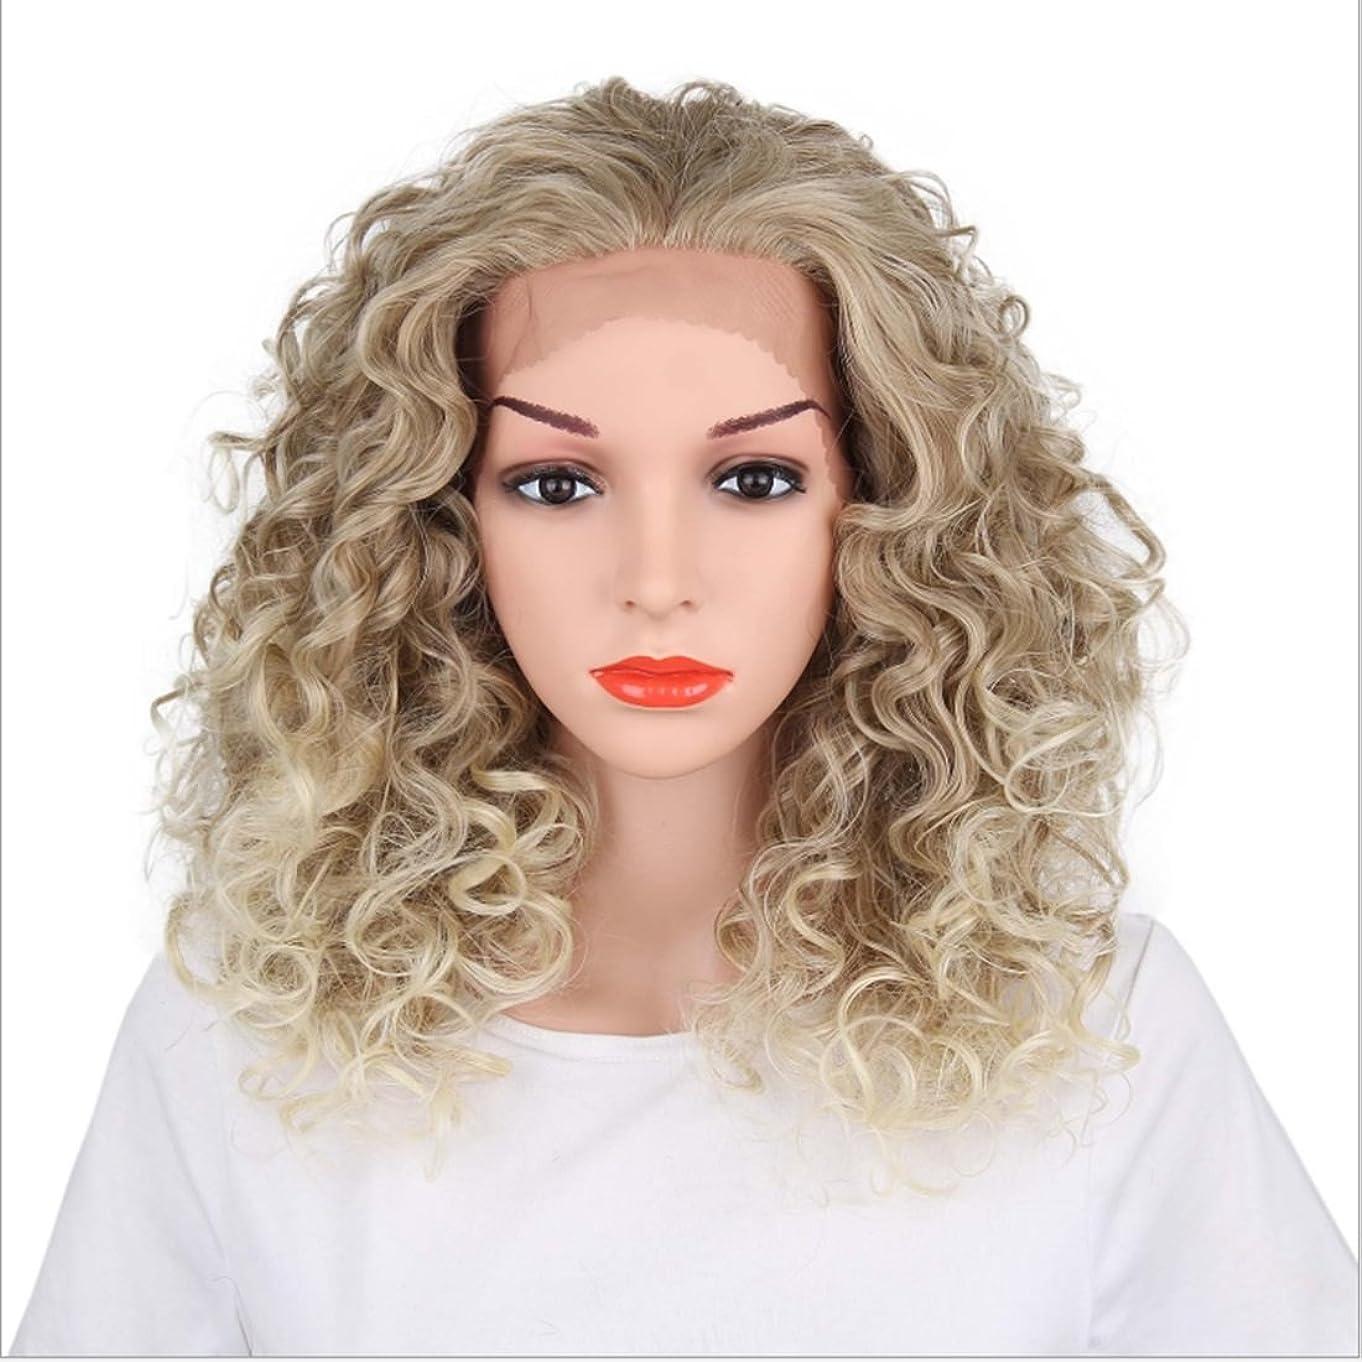 理想的には七時半マインドフルIsikawan 人間の髪の毛のアメリカとヨーロッパの女性の髪の毛のかつら波状のレースの髪飾りとして天然シルバーホワイト化学繊維ロングカーリーウィッグ350 g用レースフロントかつら (色 : Silver)